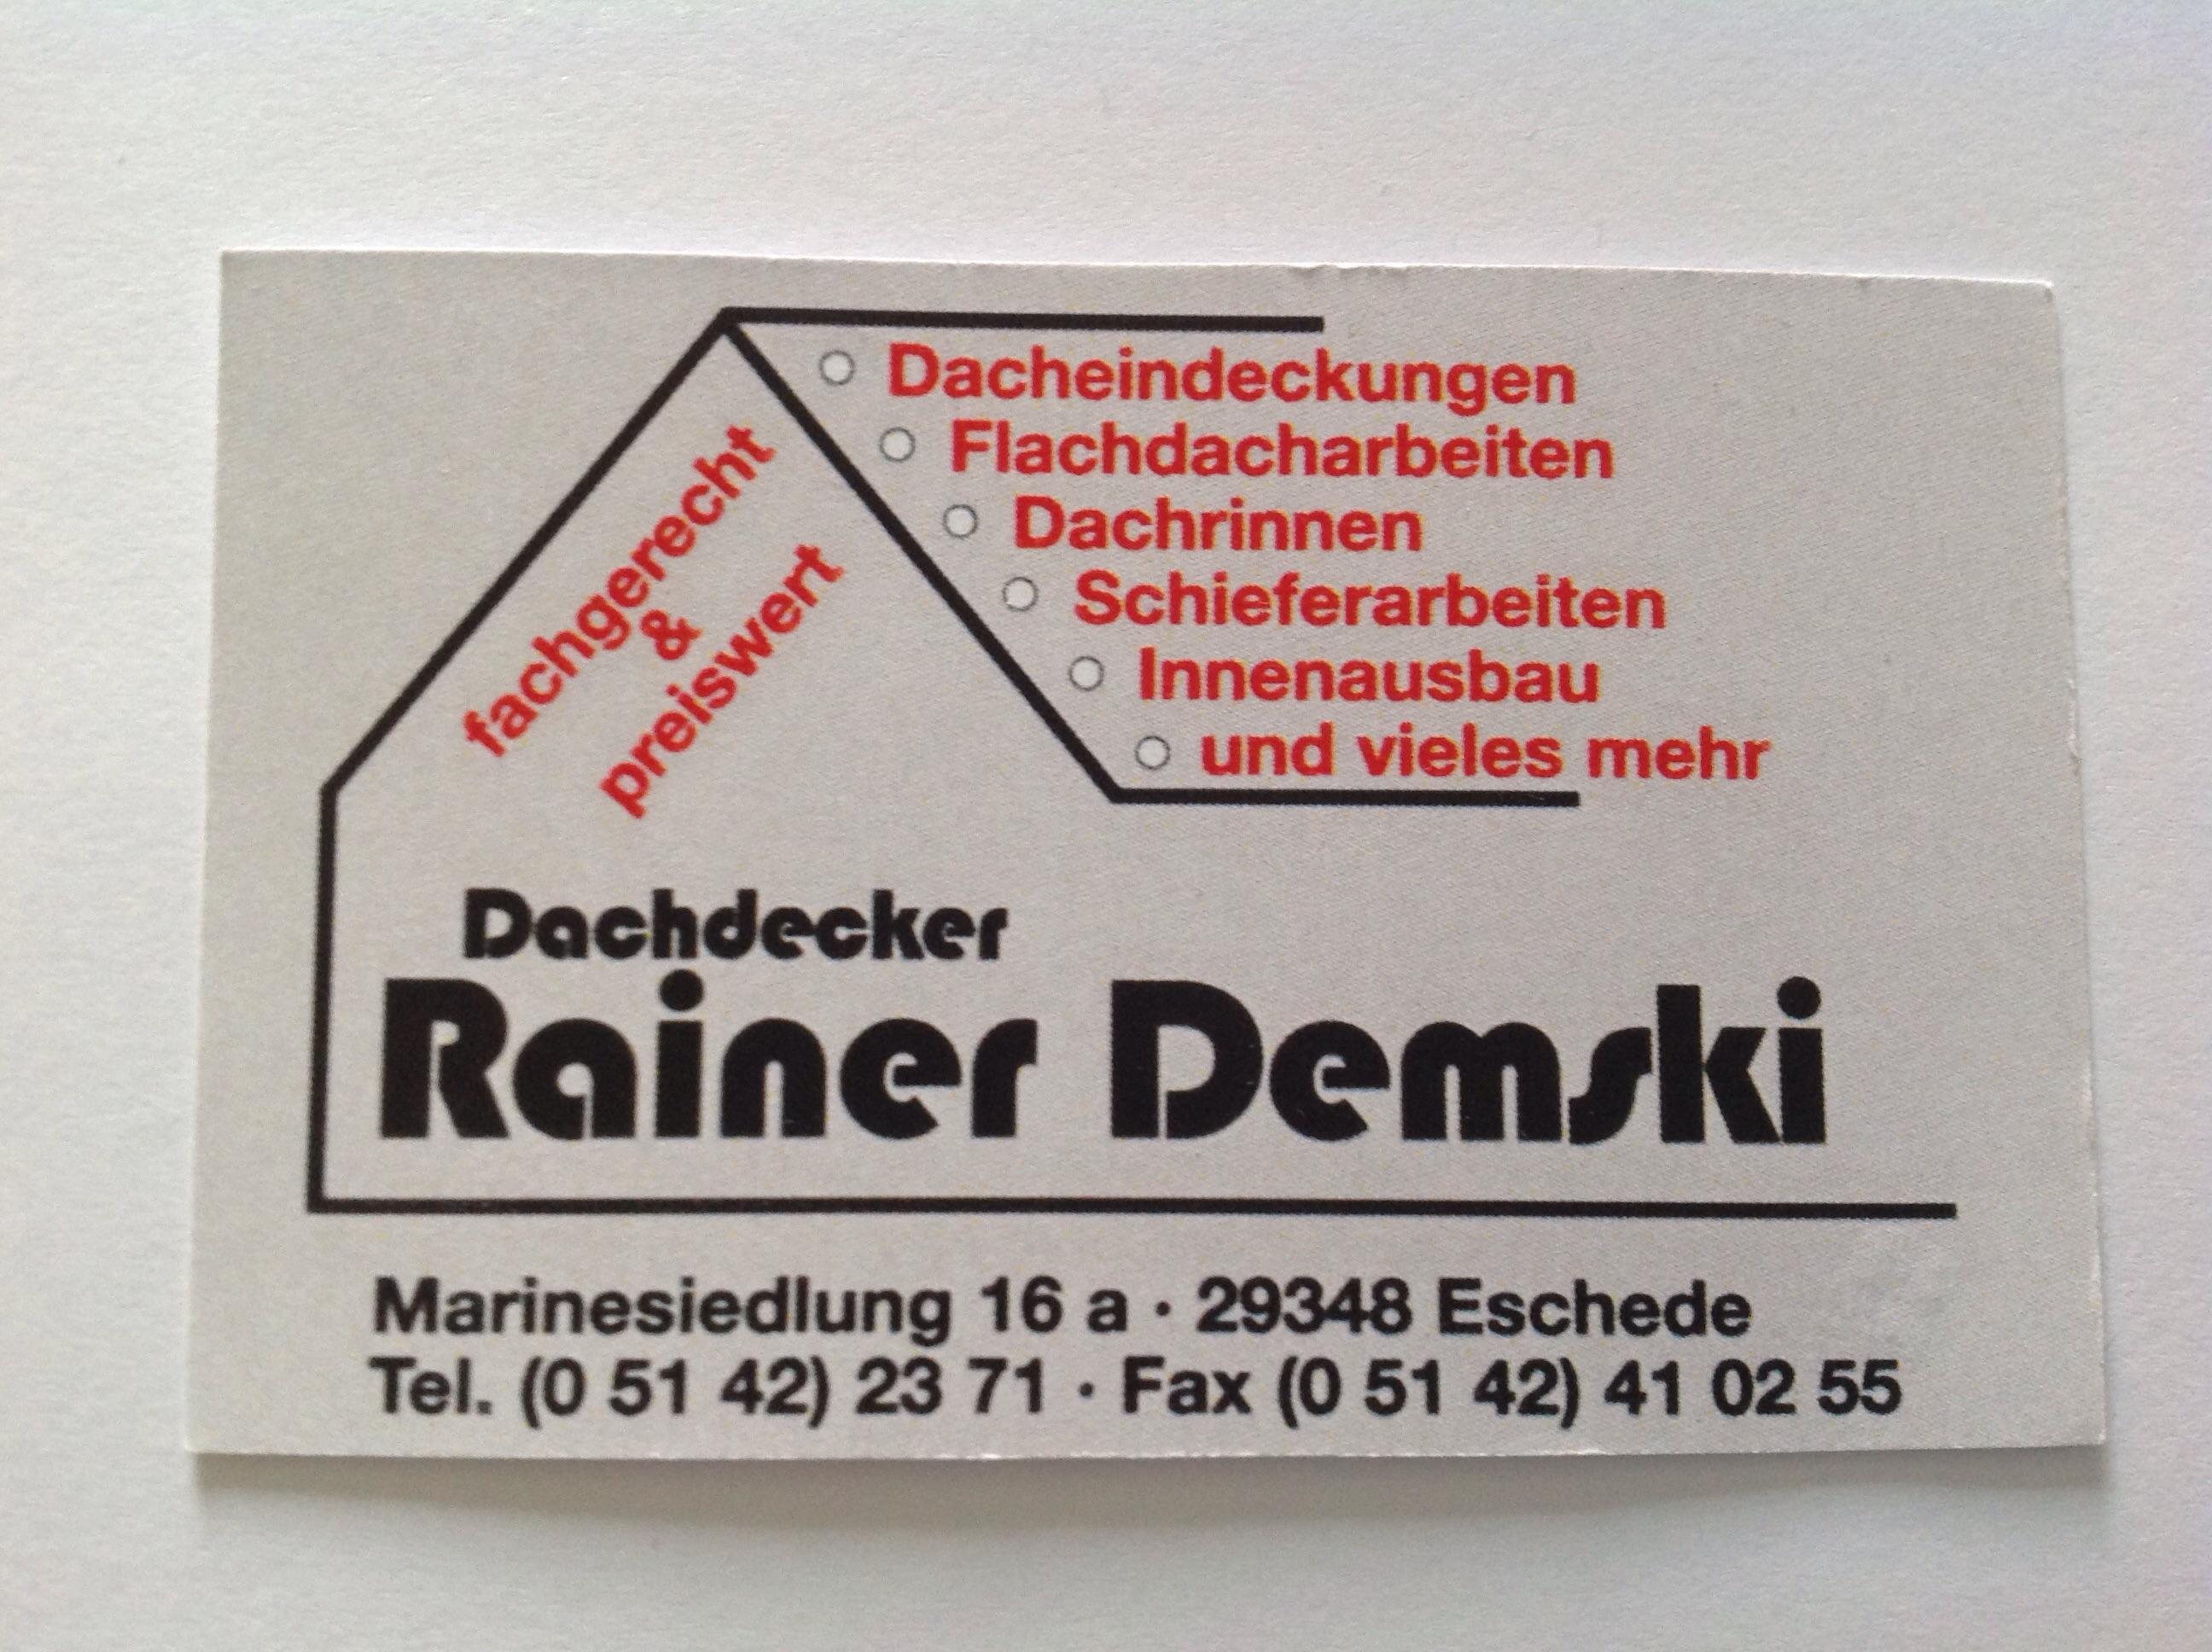 Dachdeckerbetrieb Rainer Demski